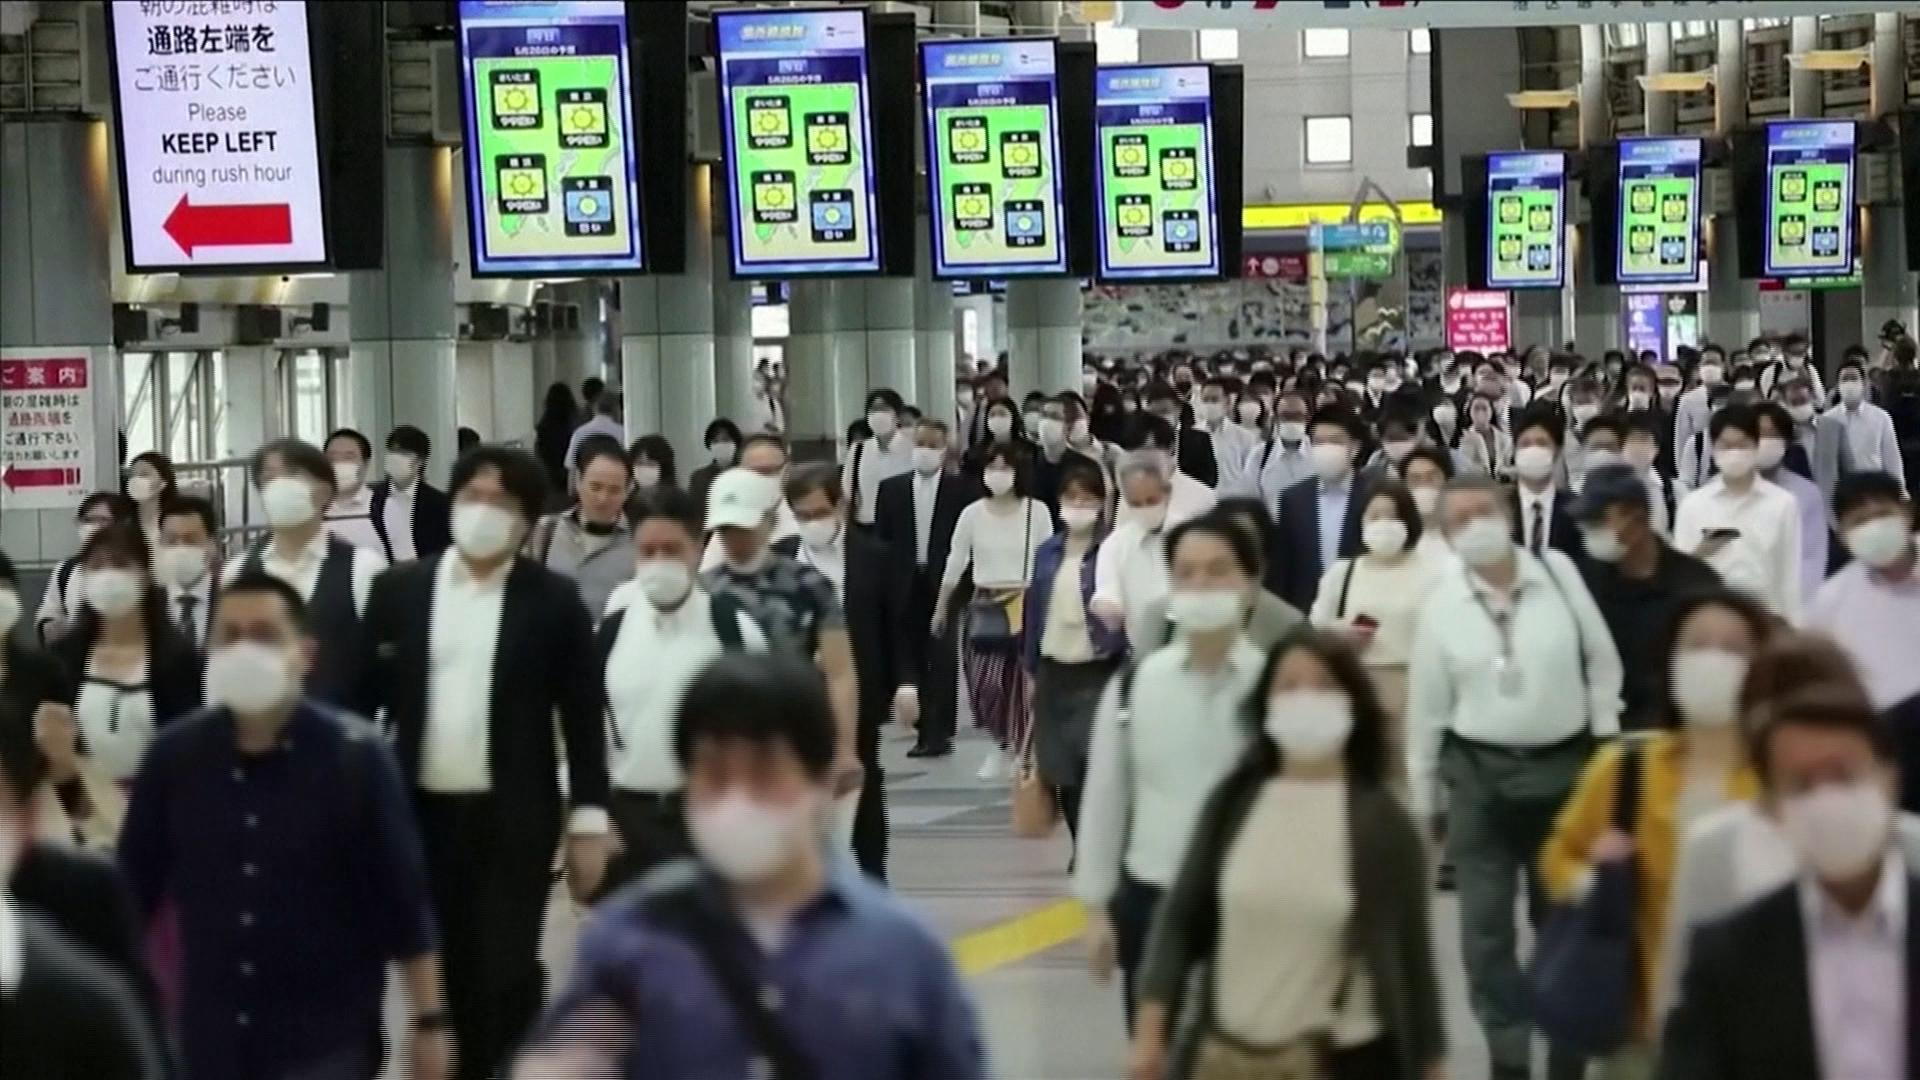 安倍因病请辞 日本内政外交面临变局?